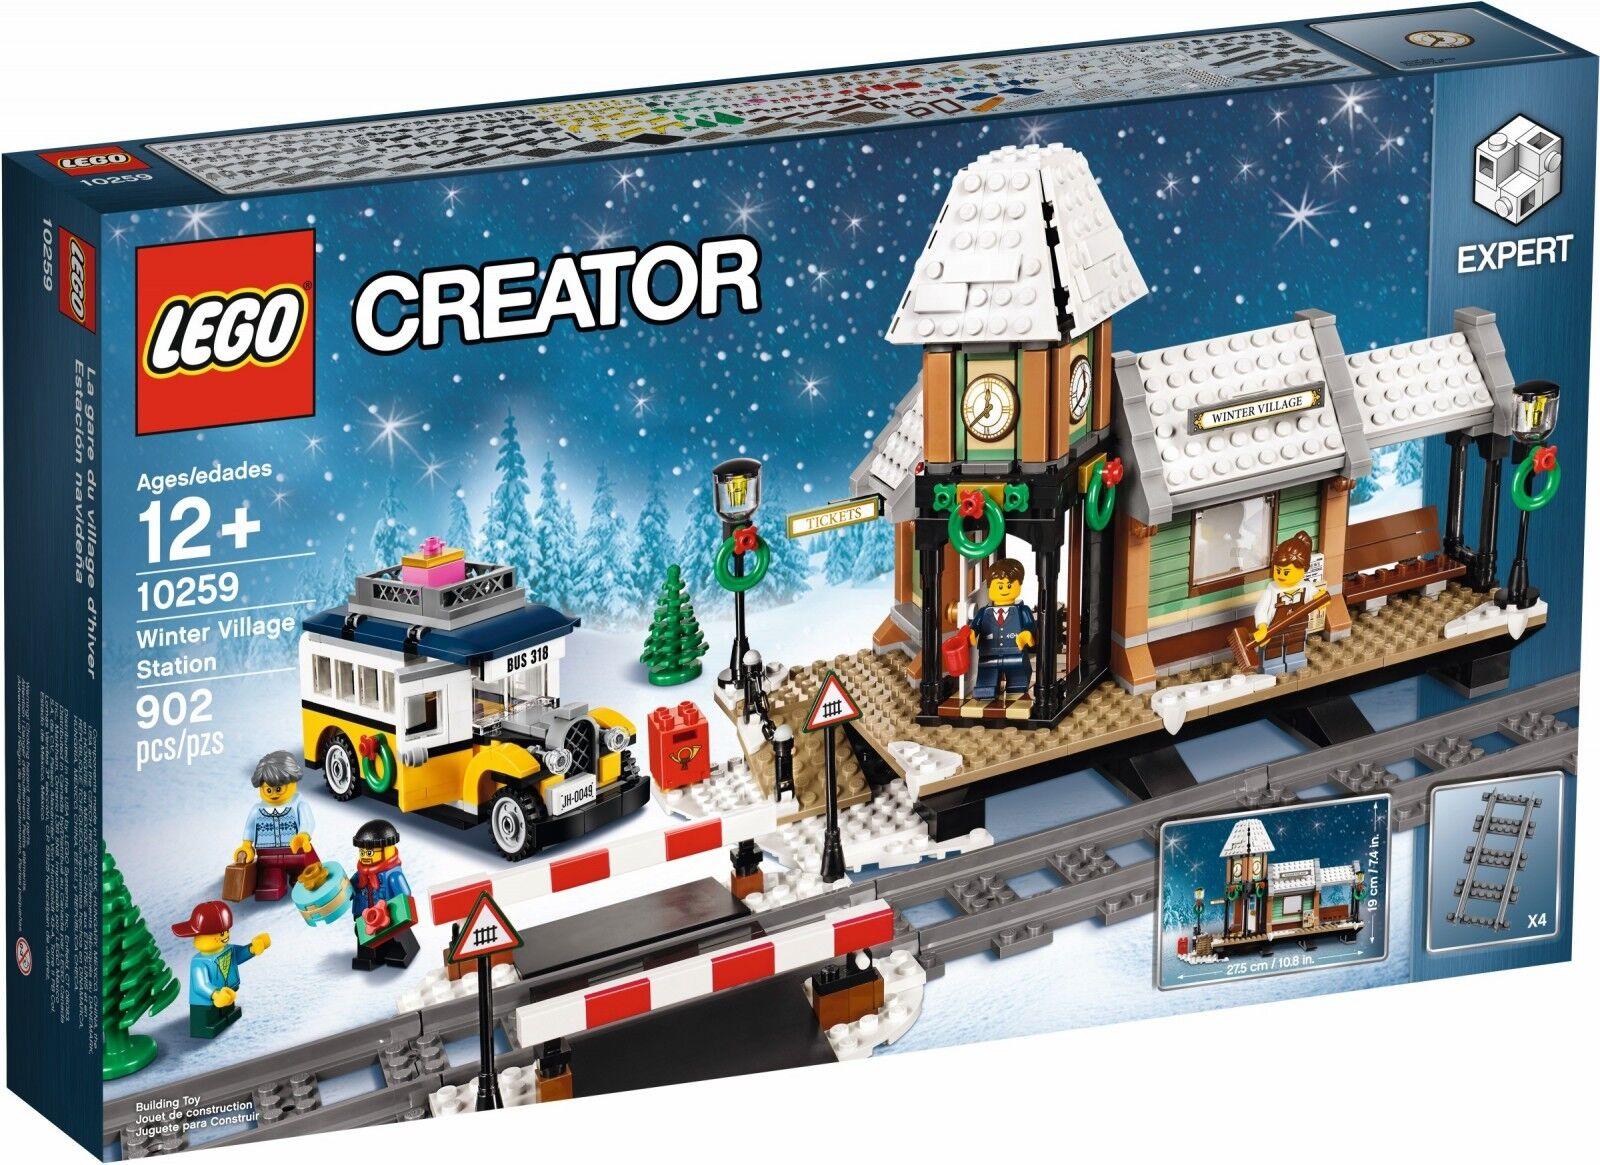 LEGO ® Creator Expert 10259 precipitazioni stazione ferroviaria NUOVO _ Inverno Village Station Nuovo